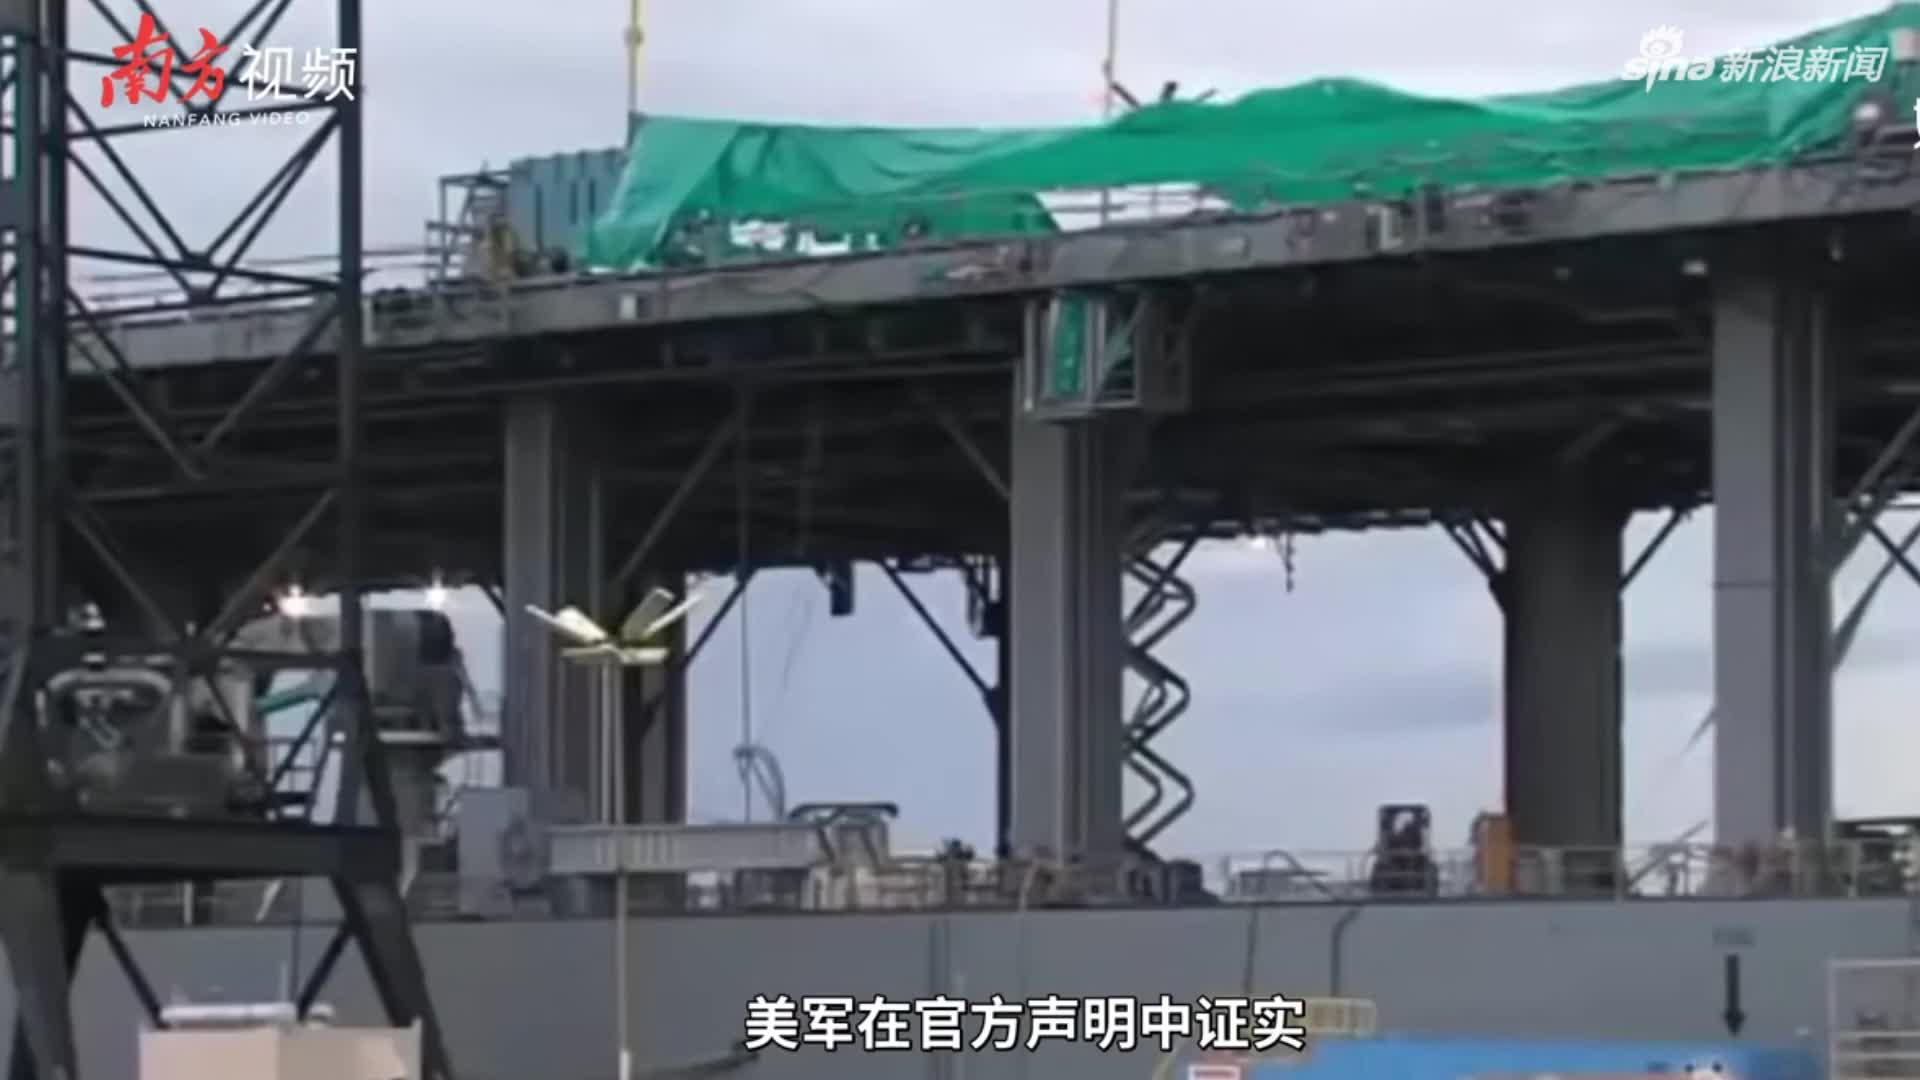 """""""祖国统一""""响彻解放军后,美军彻底坐不住,9万吨巨舰直扑台海"""